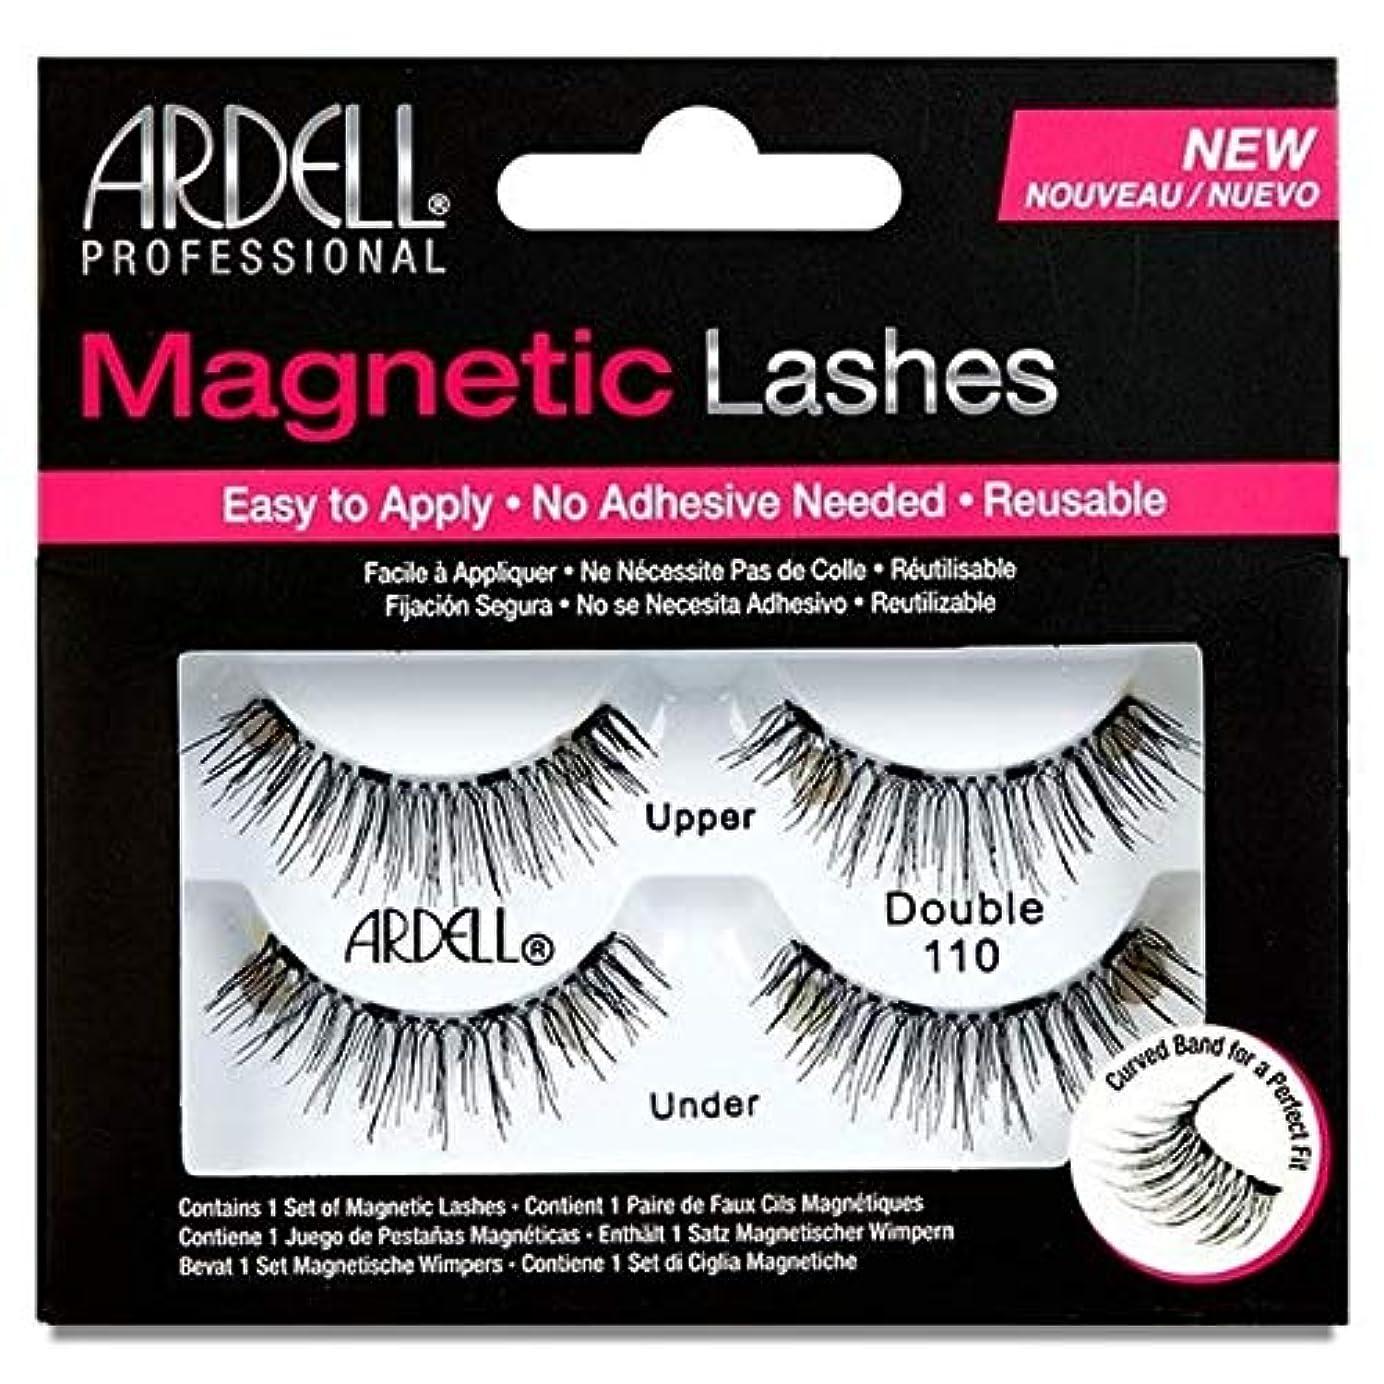 延ばす干ばつ限界[Ardell] 110ダブルArdell磁気まつげ - Ardell Magnetic Eyelashes Double 110 [並行輸入品]